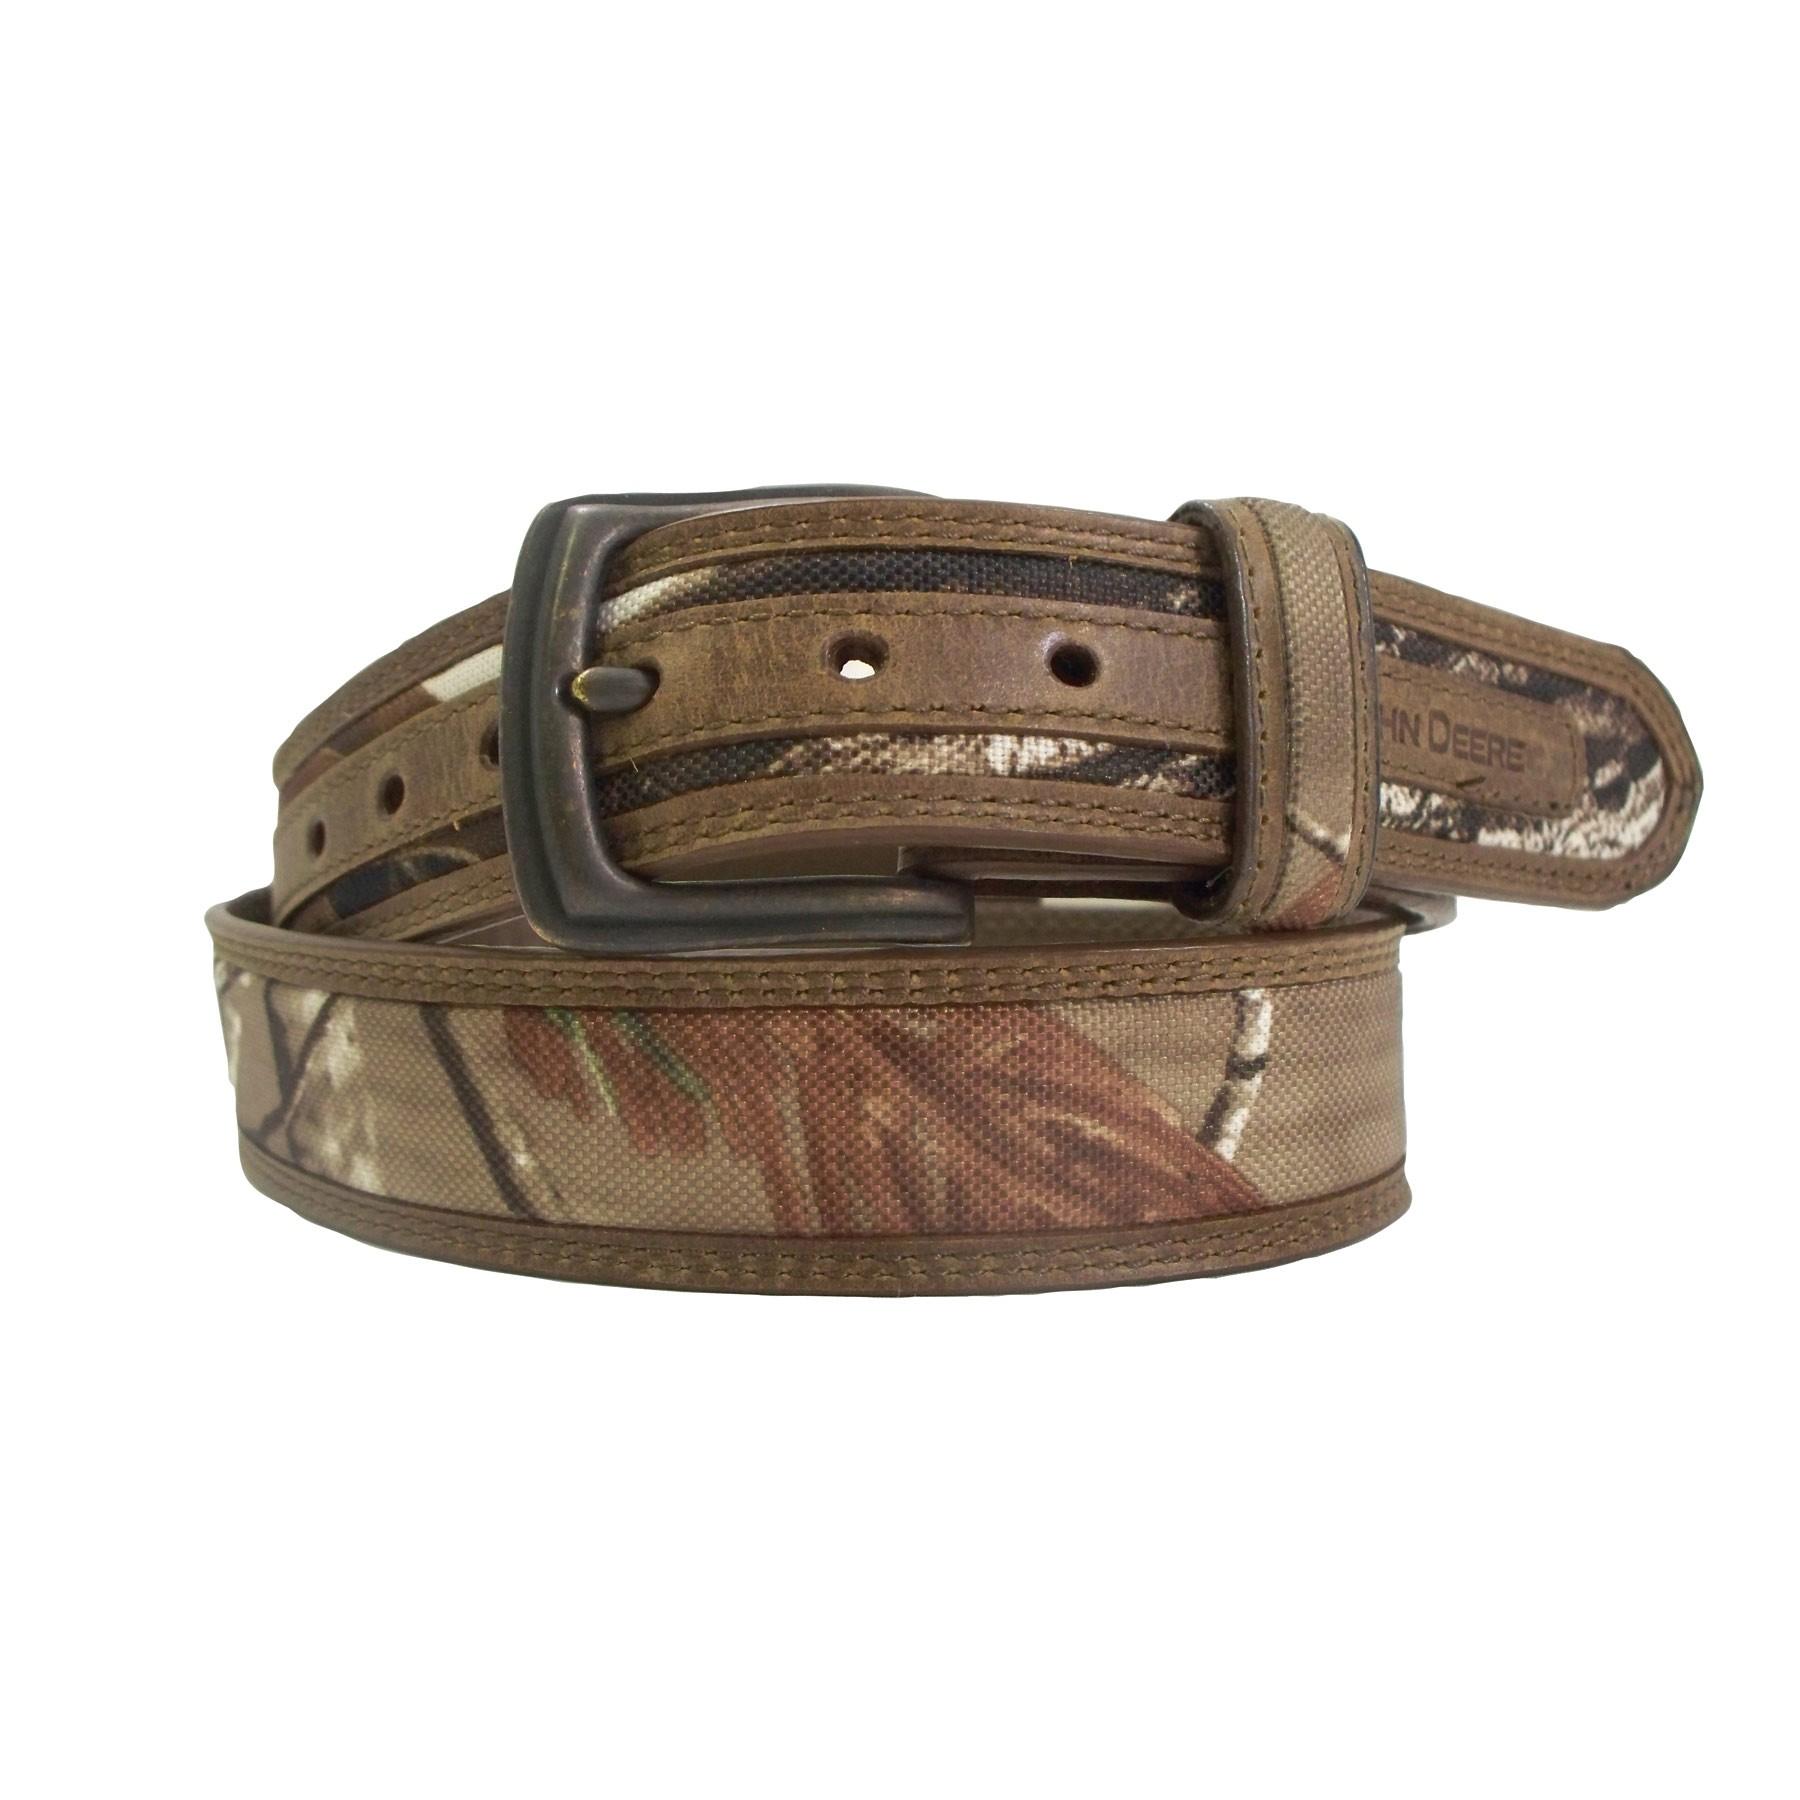 ... buff tan leather combine to make a great-looking boys John Deere belt